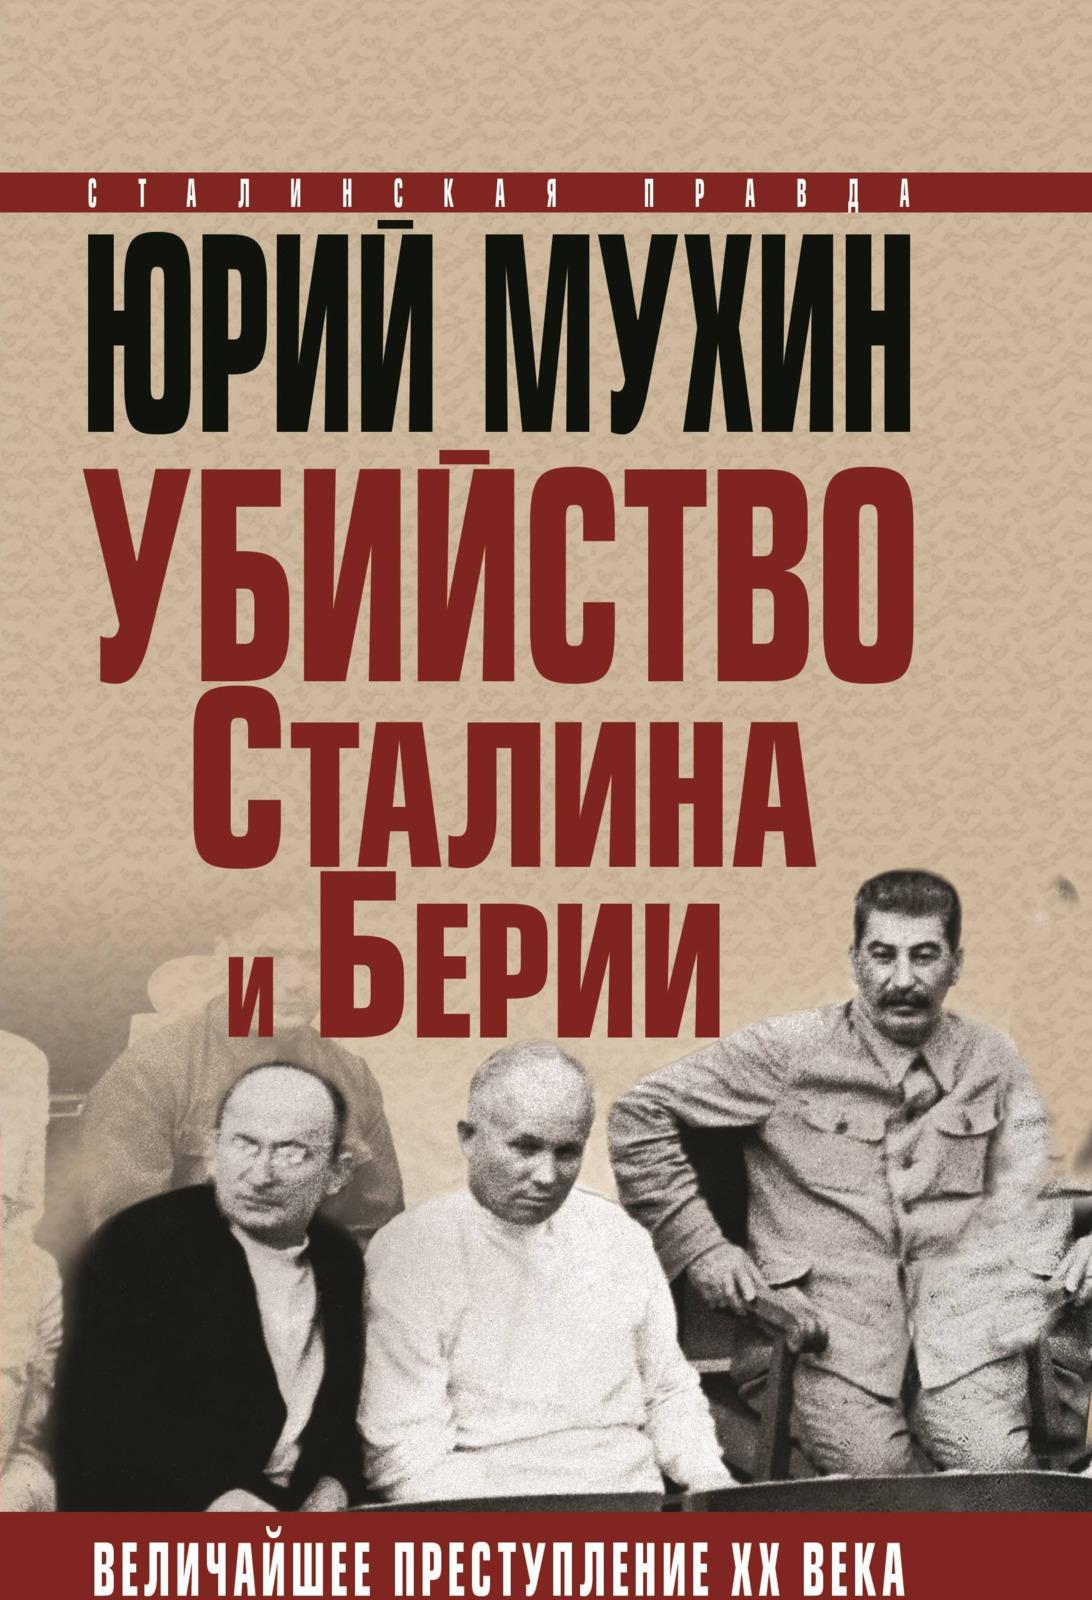 Юрий Мухин Убийство Сталина и Берии. Величайшее преступление ХХ века